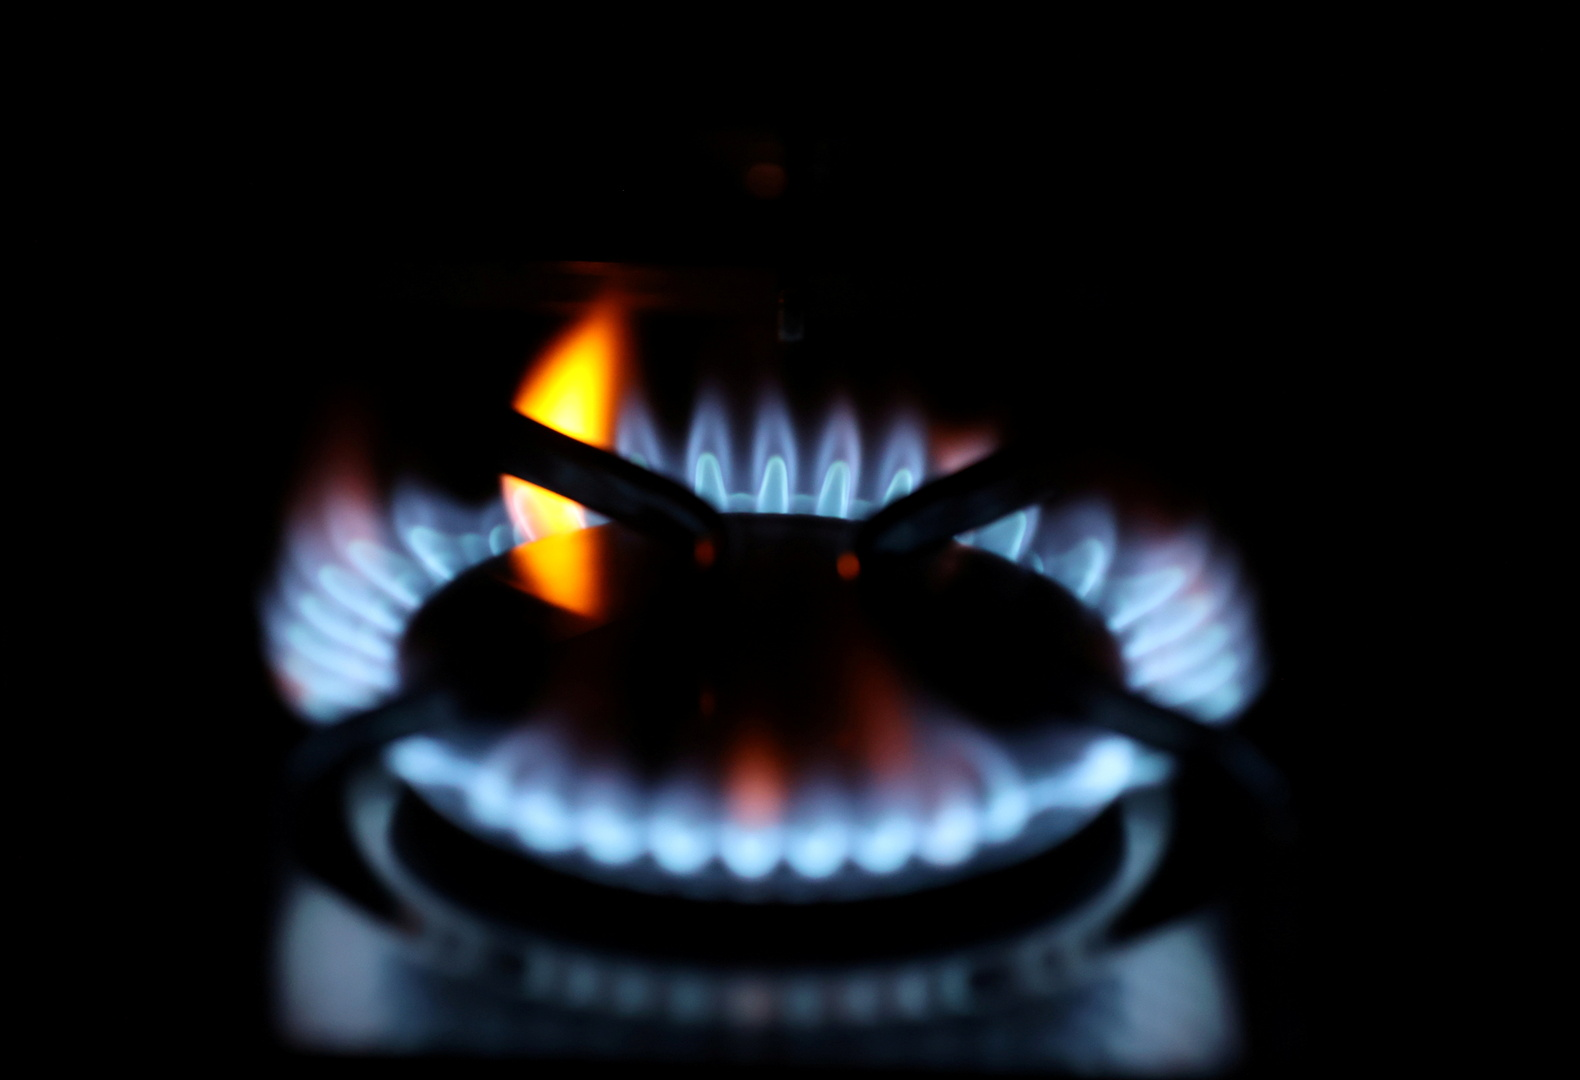 انخفاض أسعار الغاز في أوروبا بعد تصريحات الرئيس بوتين